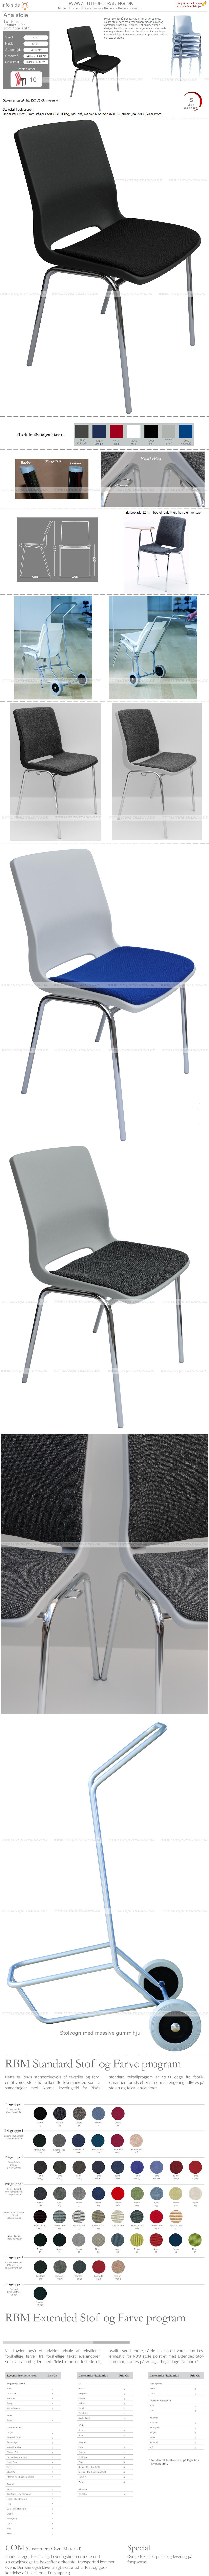 Stabelstole Ana med krom stel, sort plastskal og Oxford stof nr. 13 på sædet